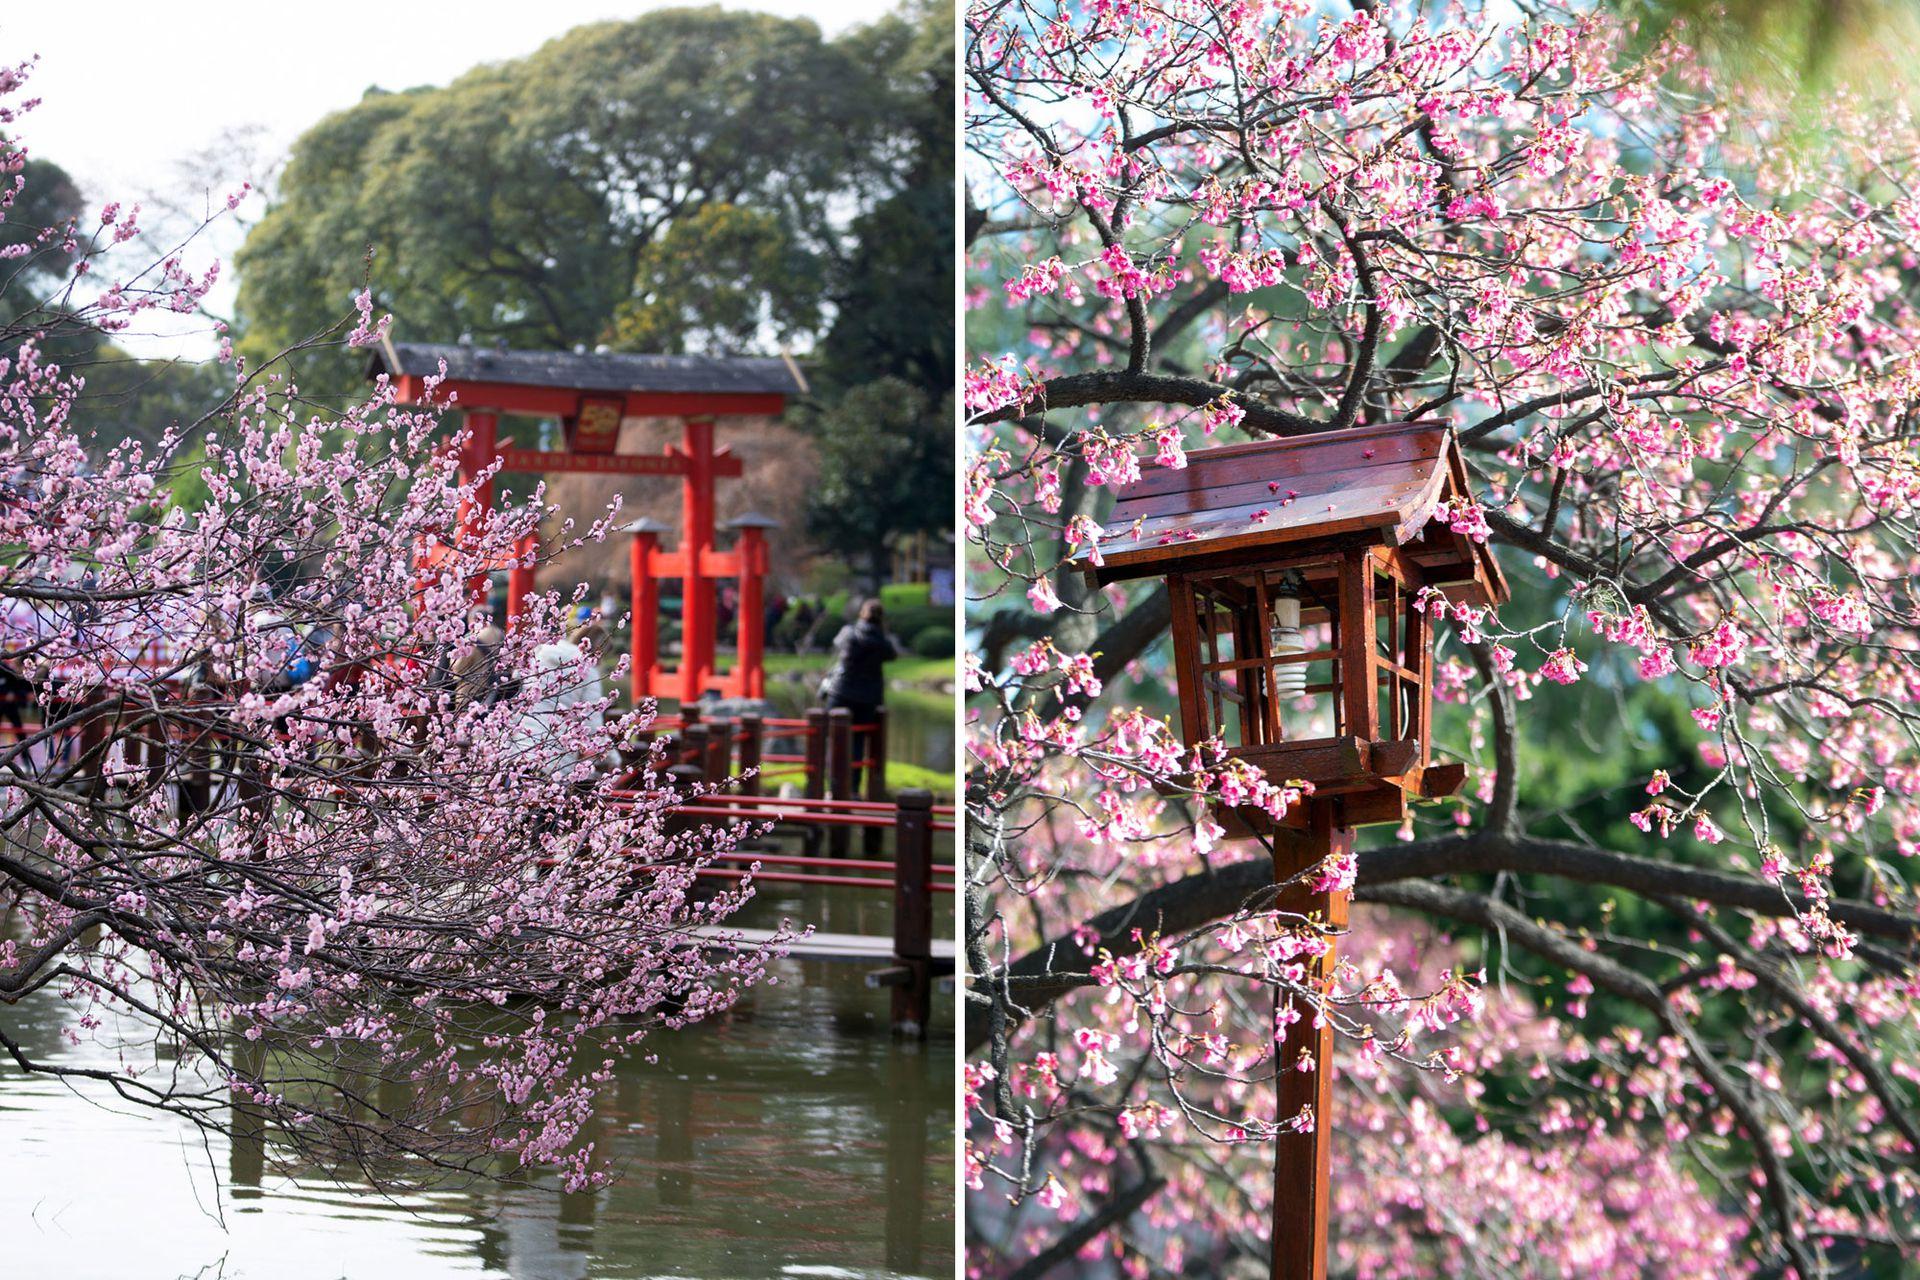 """La flor del cerezo tiene para los japoneses un significado importante asociado con el código samurai. De hecho, el emblema de estos guerreros era la flor del cerezo. La aspiración de un samurai era morir en su momento de máximo esplendor, en la batalla, y no envejecer y """"marchitarse"""", como tampoco se marchita la flor del cerezo, la cual cae del árbol antes de marchitarse, empujada por el viento."""